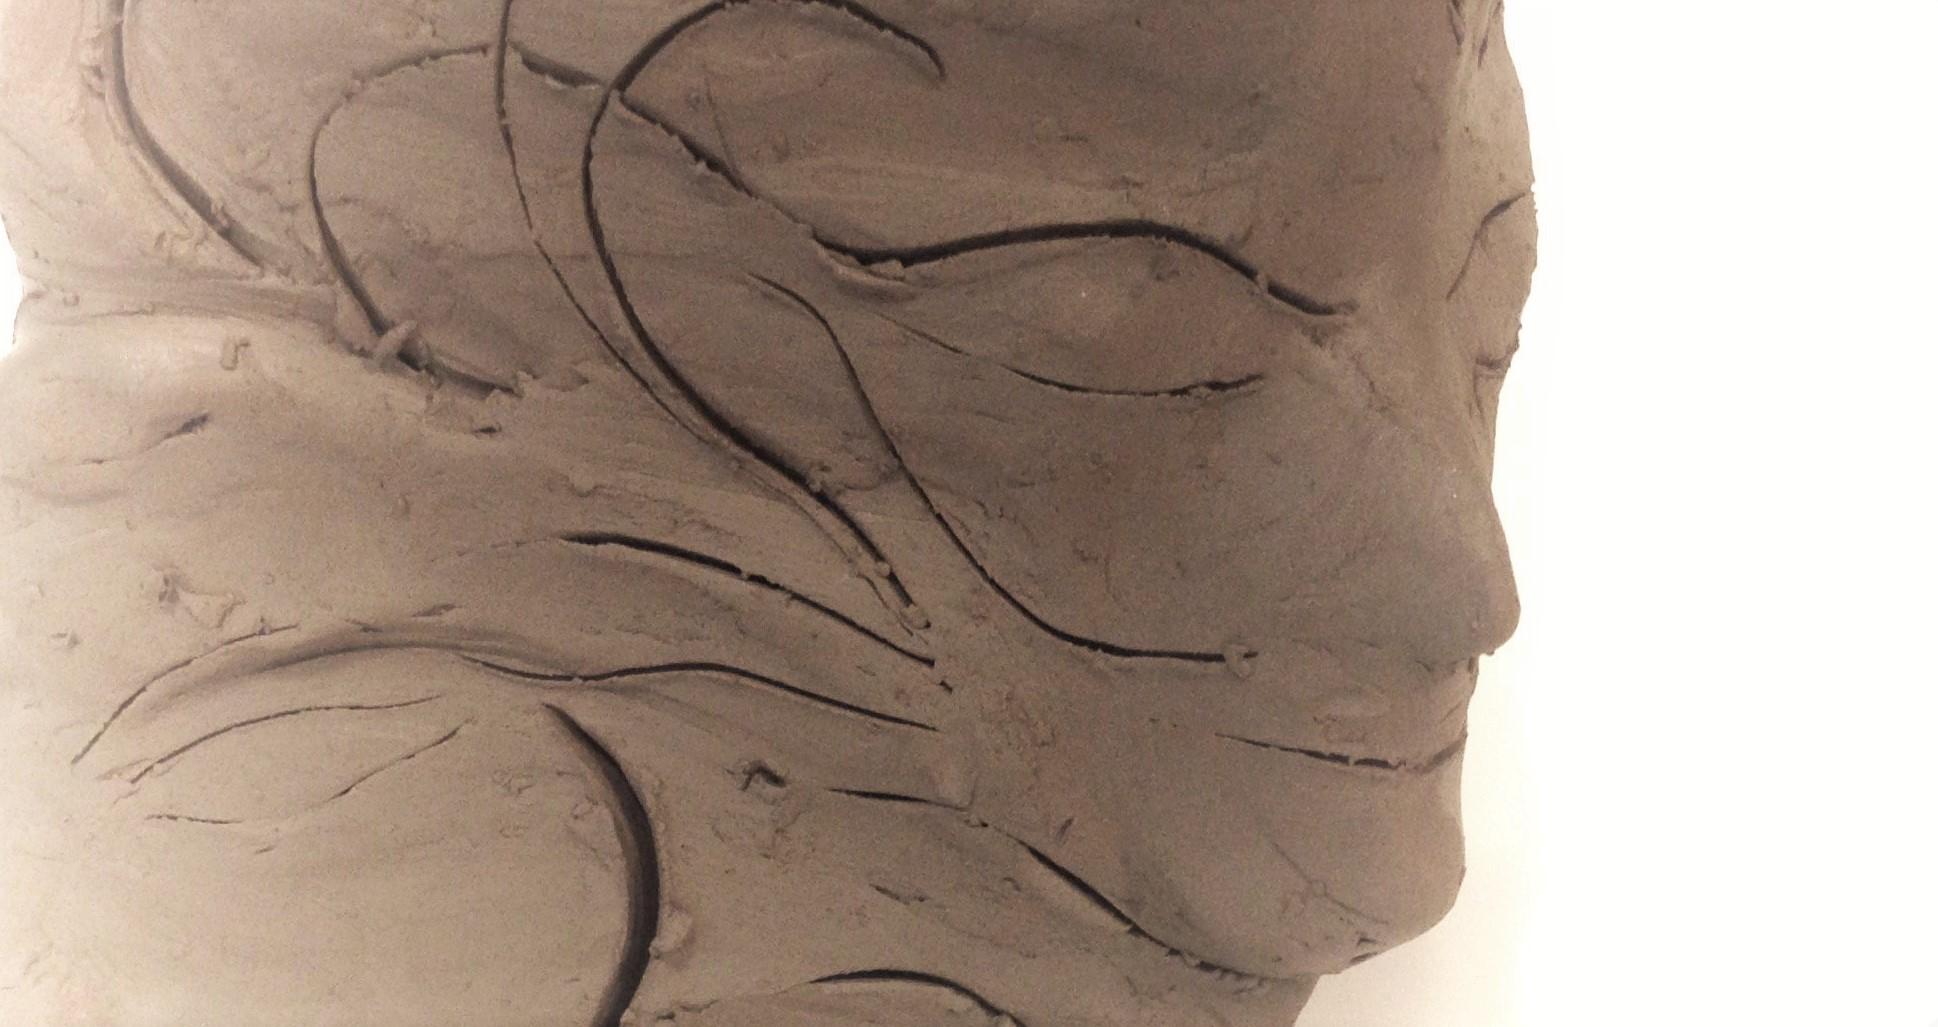 Meditation – clay sculpture